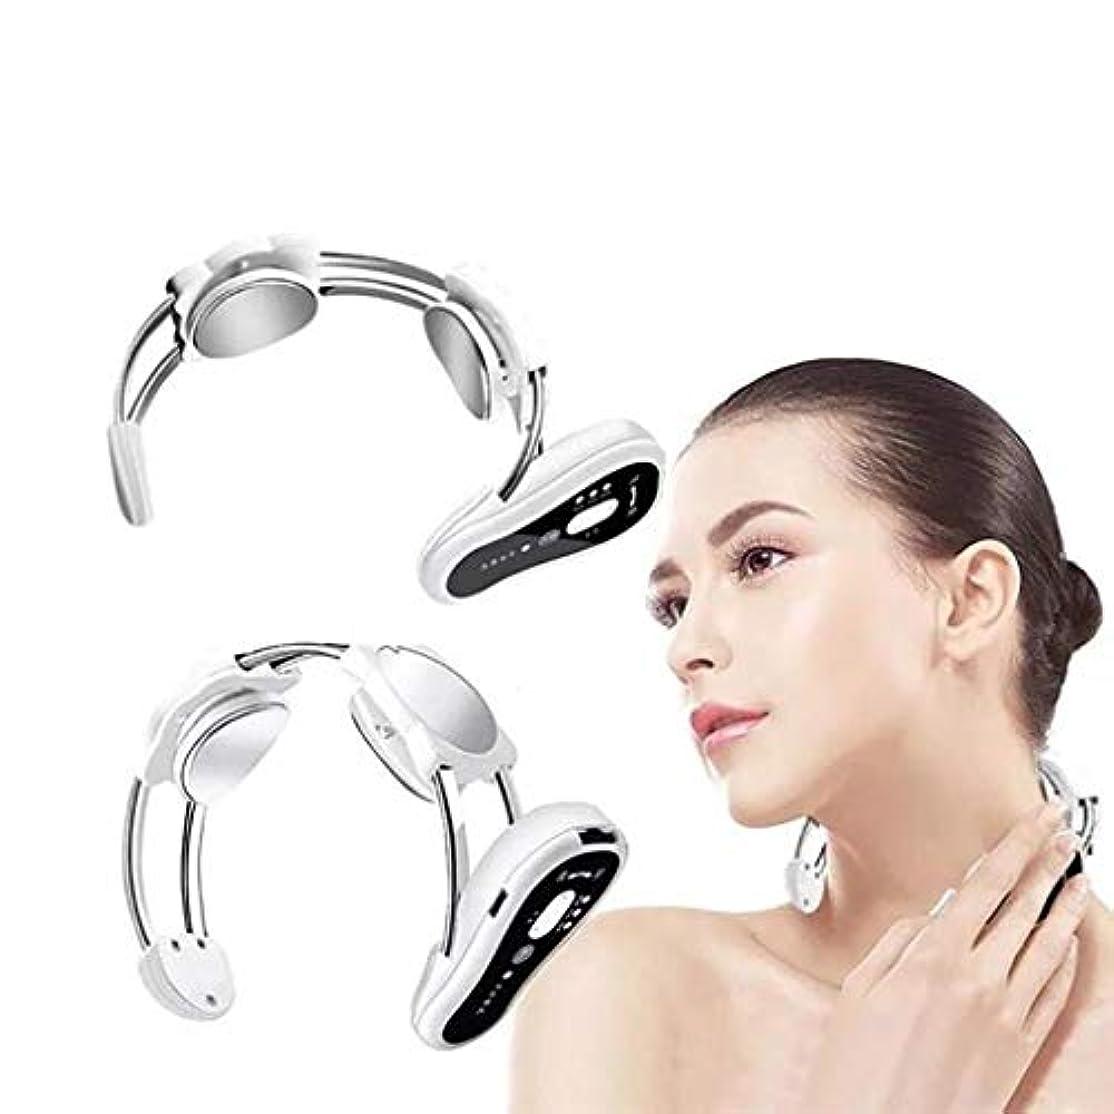 ビームはいクランシー首のマッサージャー、電気首の処置の器械、頚部の刺鍼術の処置、磁気マッサージャー